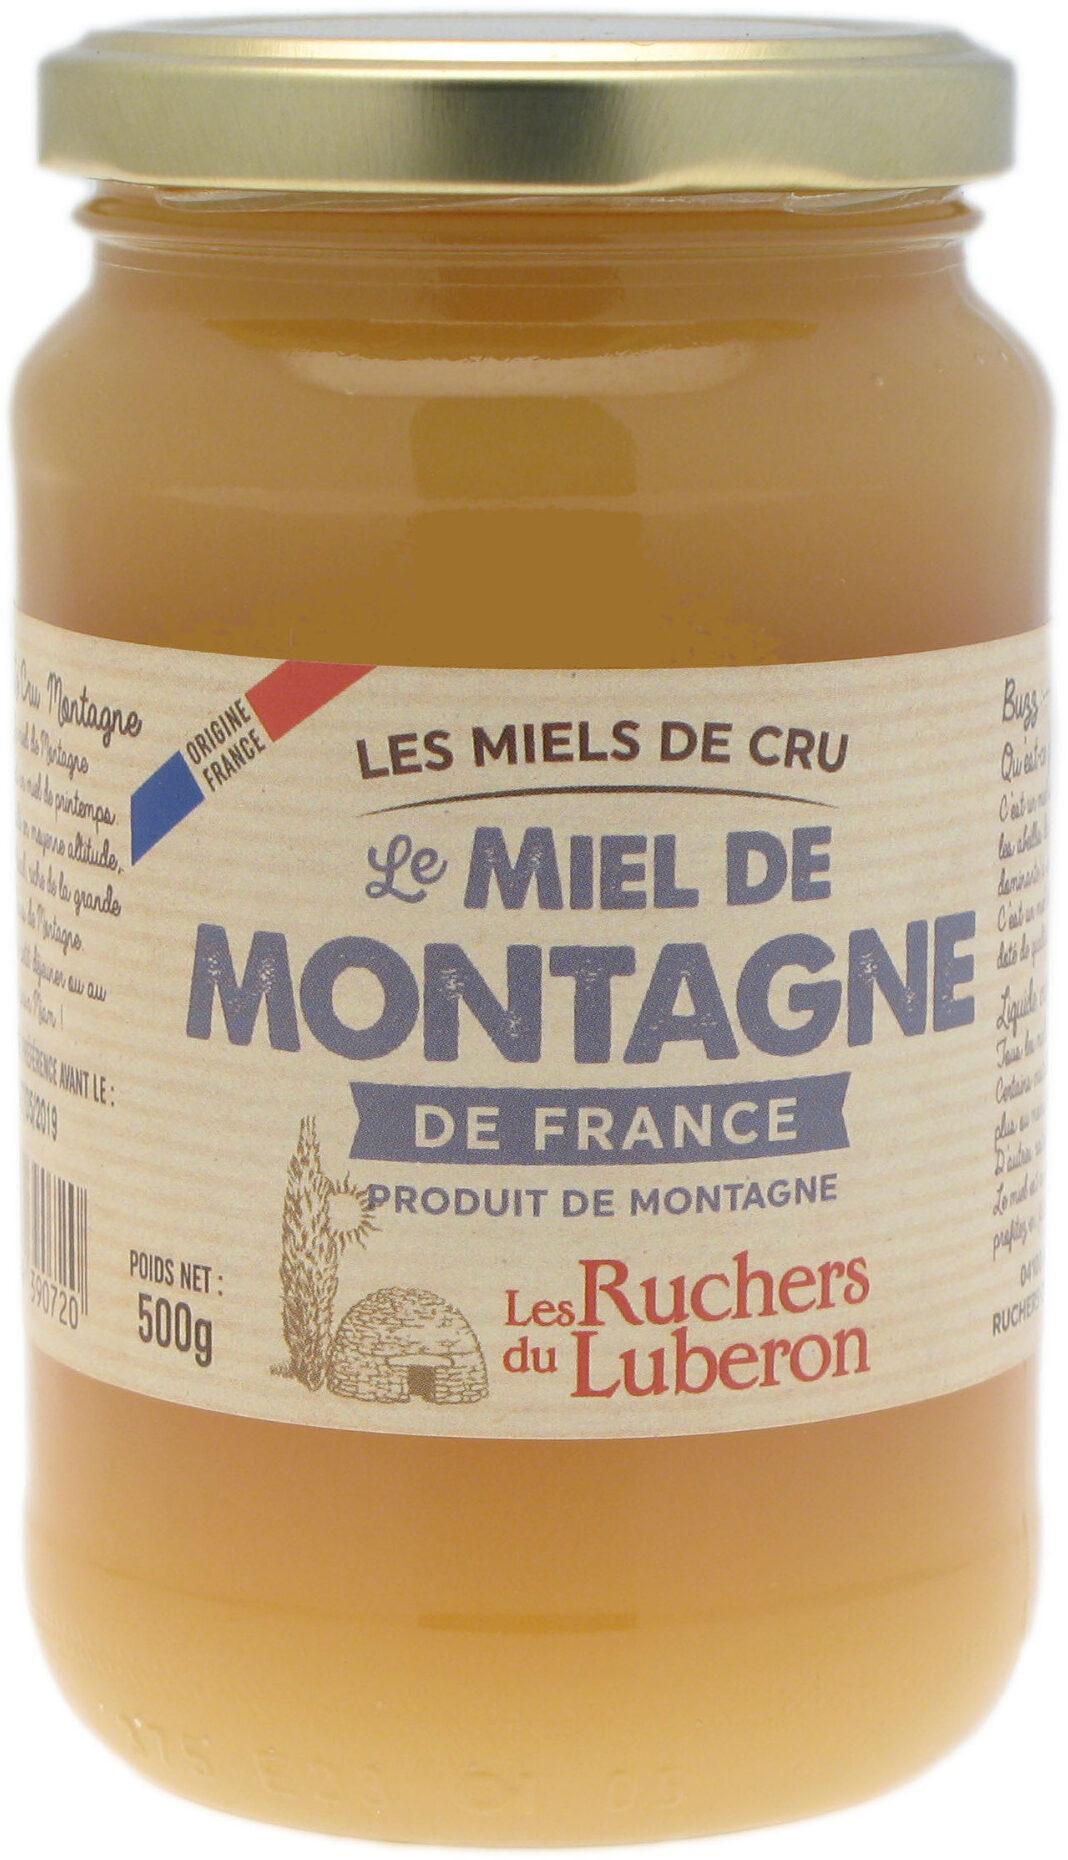 Miel de montagne de France - Product